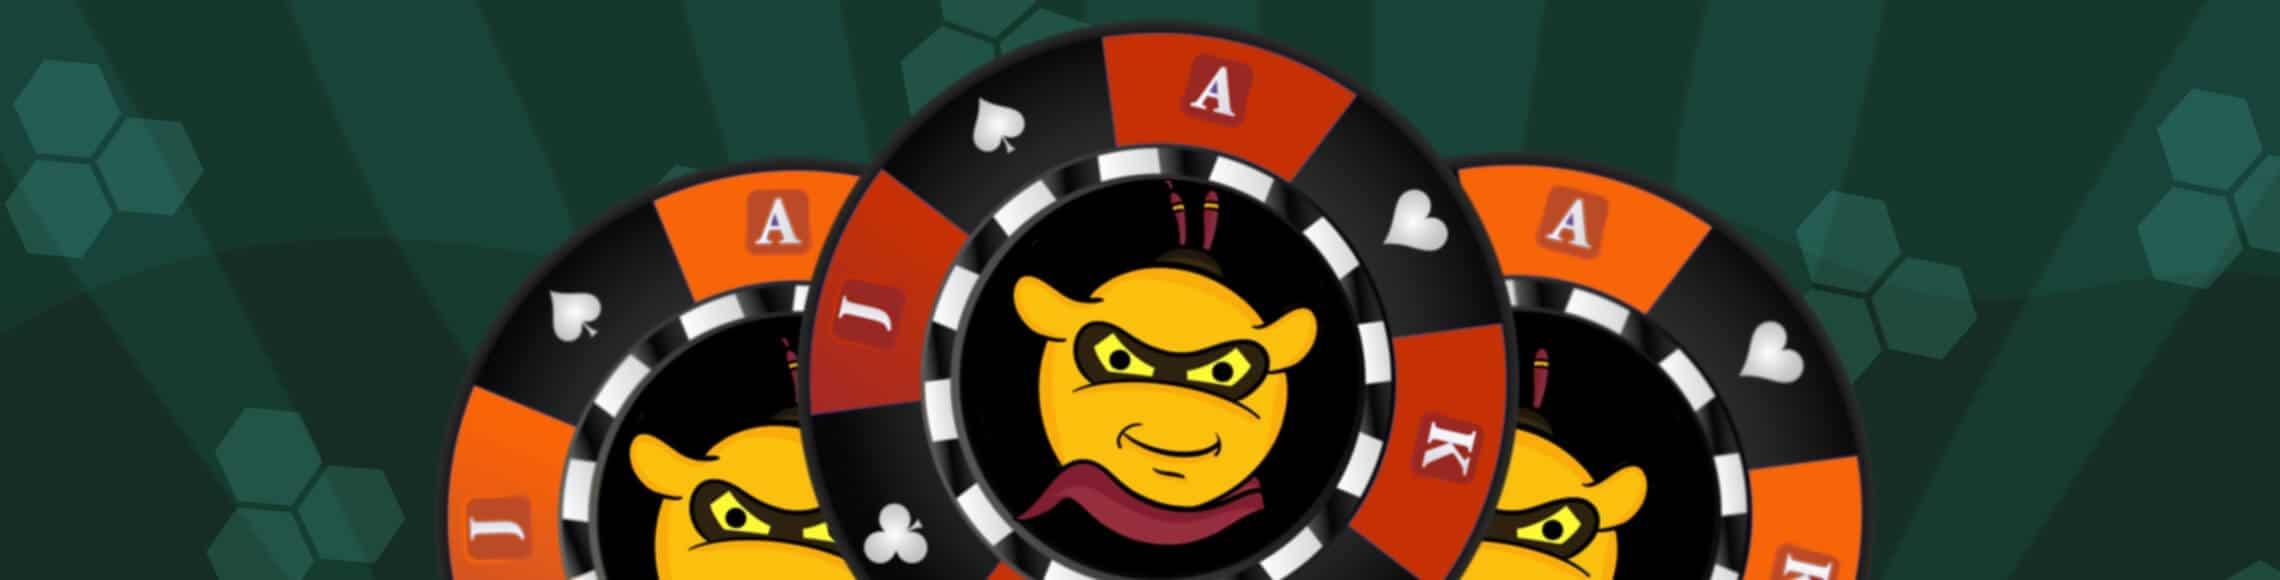 ライブディーラーのブラックジャックゲームを試すことはできますか